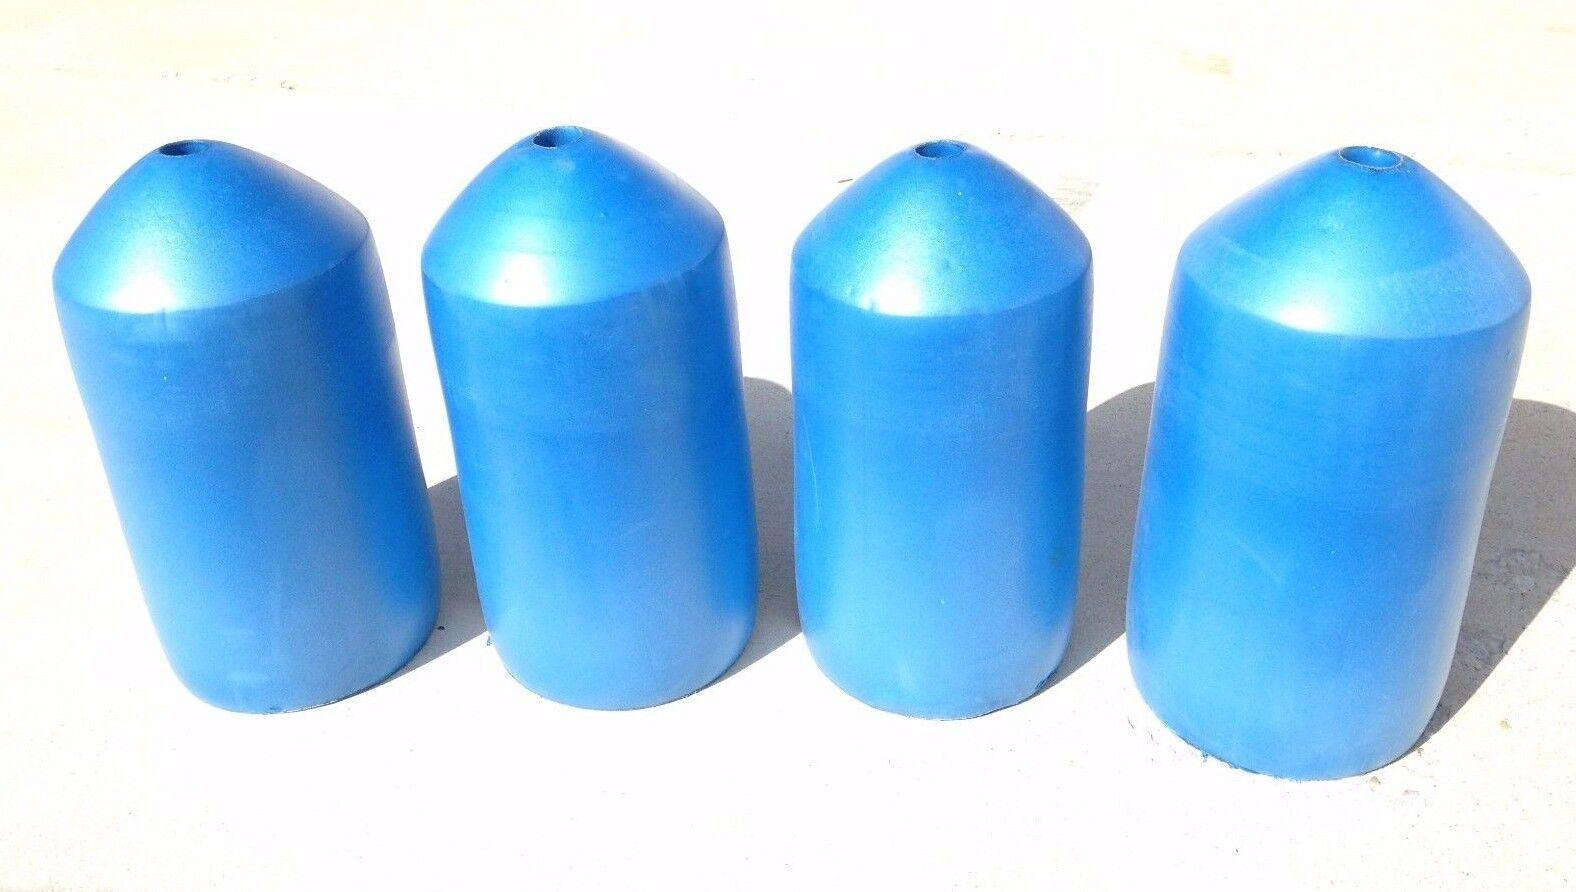 Paquete  de cuatro Azul Grado Comercial Cangrejo pot & trampa Boyas 7 pulgadas x 14  Bala Flotadores  nuevo sádico